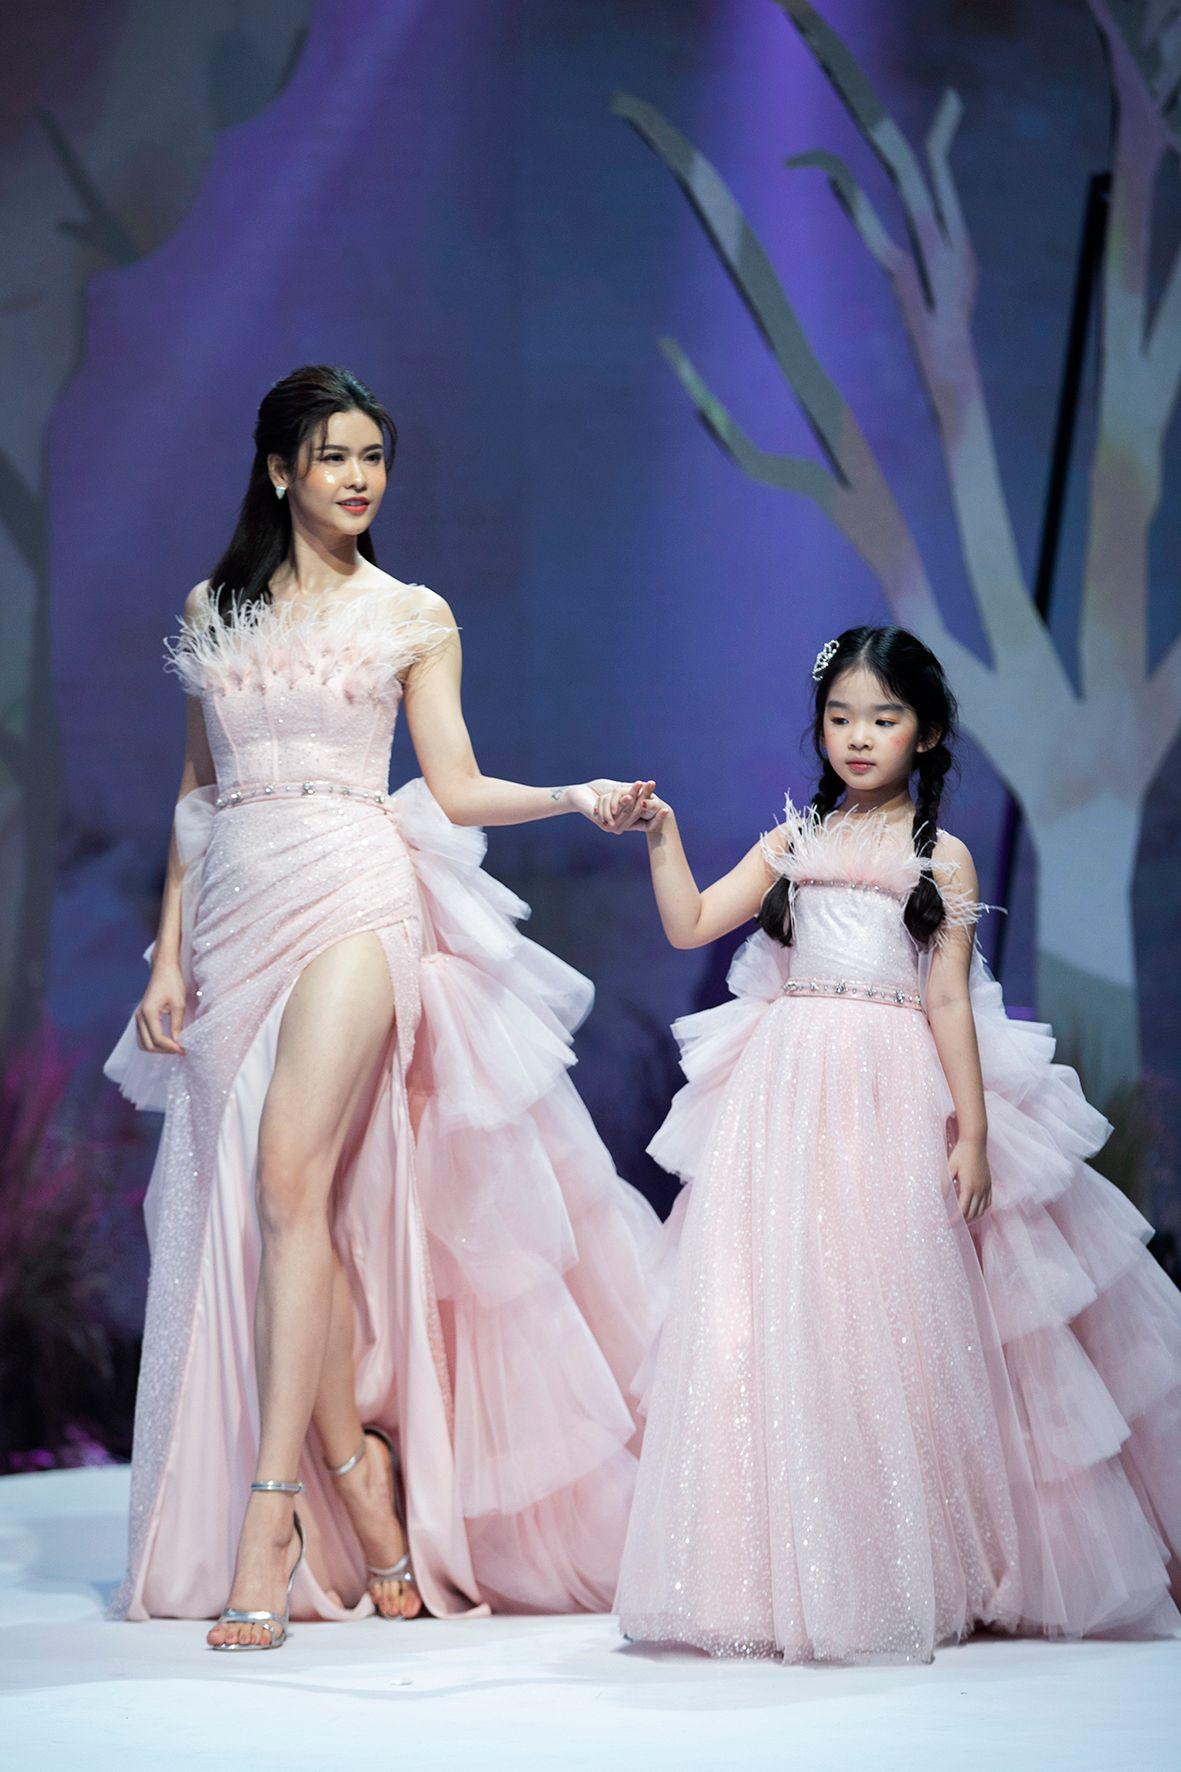 """HH Hương Giang tái xuất sàn catwalk với hình ảnh """"công chúa rừng xanh"""", kết màn cho Tuần lễ thời trang Trẻ em 2020 - Ảnh 8."""